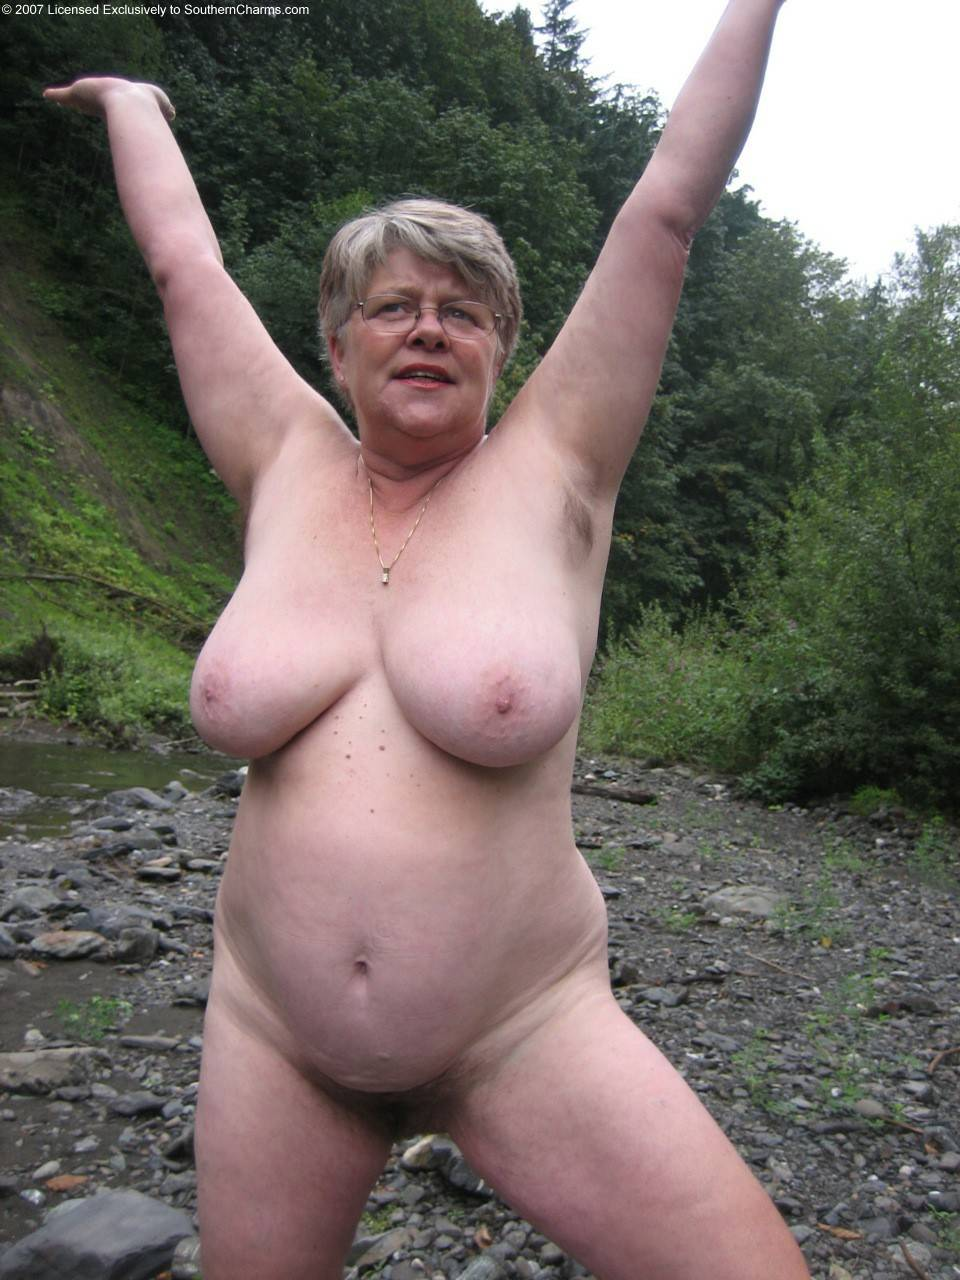 Витек обожает трахать старых бабушек  порно фото